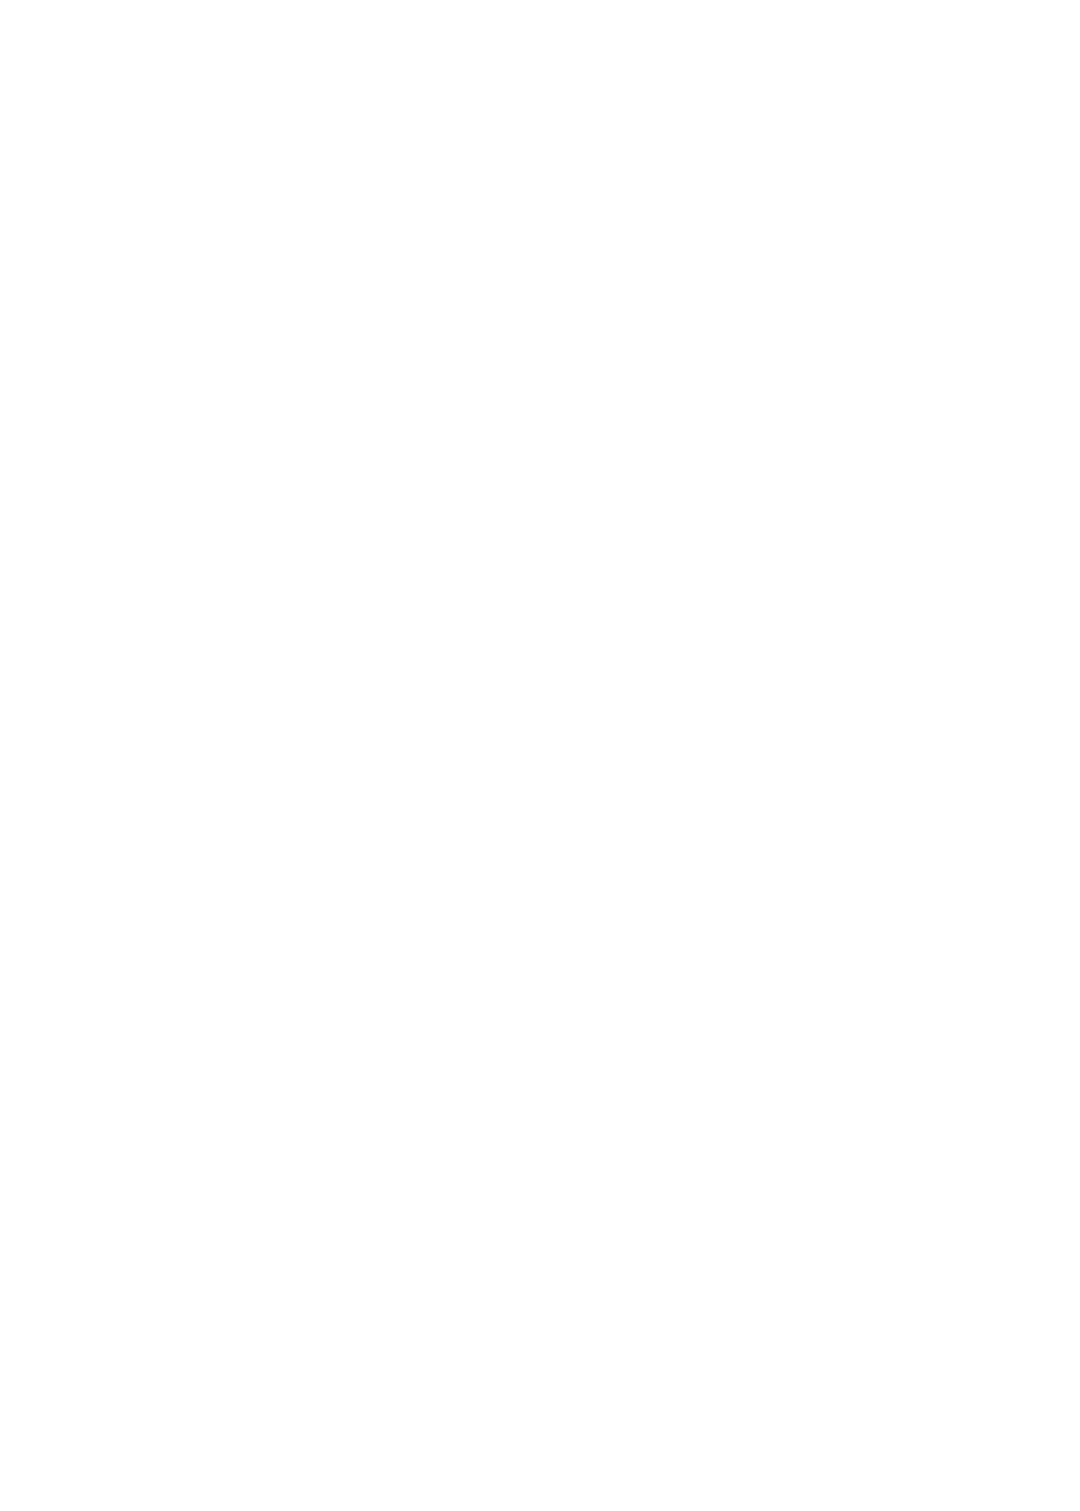 精子を欲しがるお店のど変態な美女なお姉さん…逆レイプにフェラしたりパイズリして中出しセックスでど変態なトロ顔になっちゃう!【湊ゆう:搾精買取サービス 】